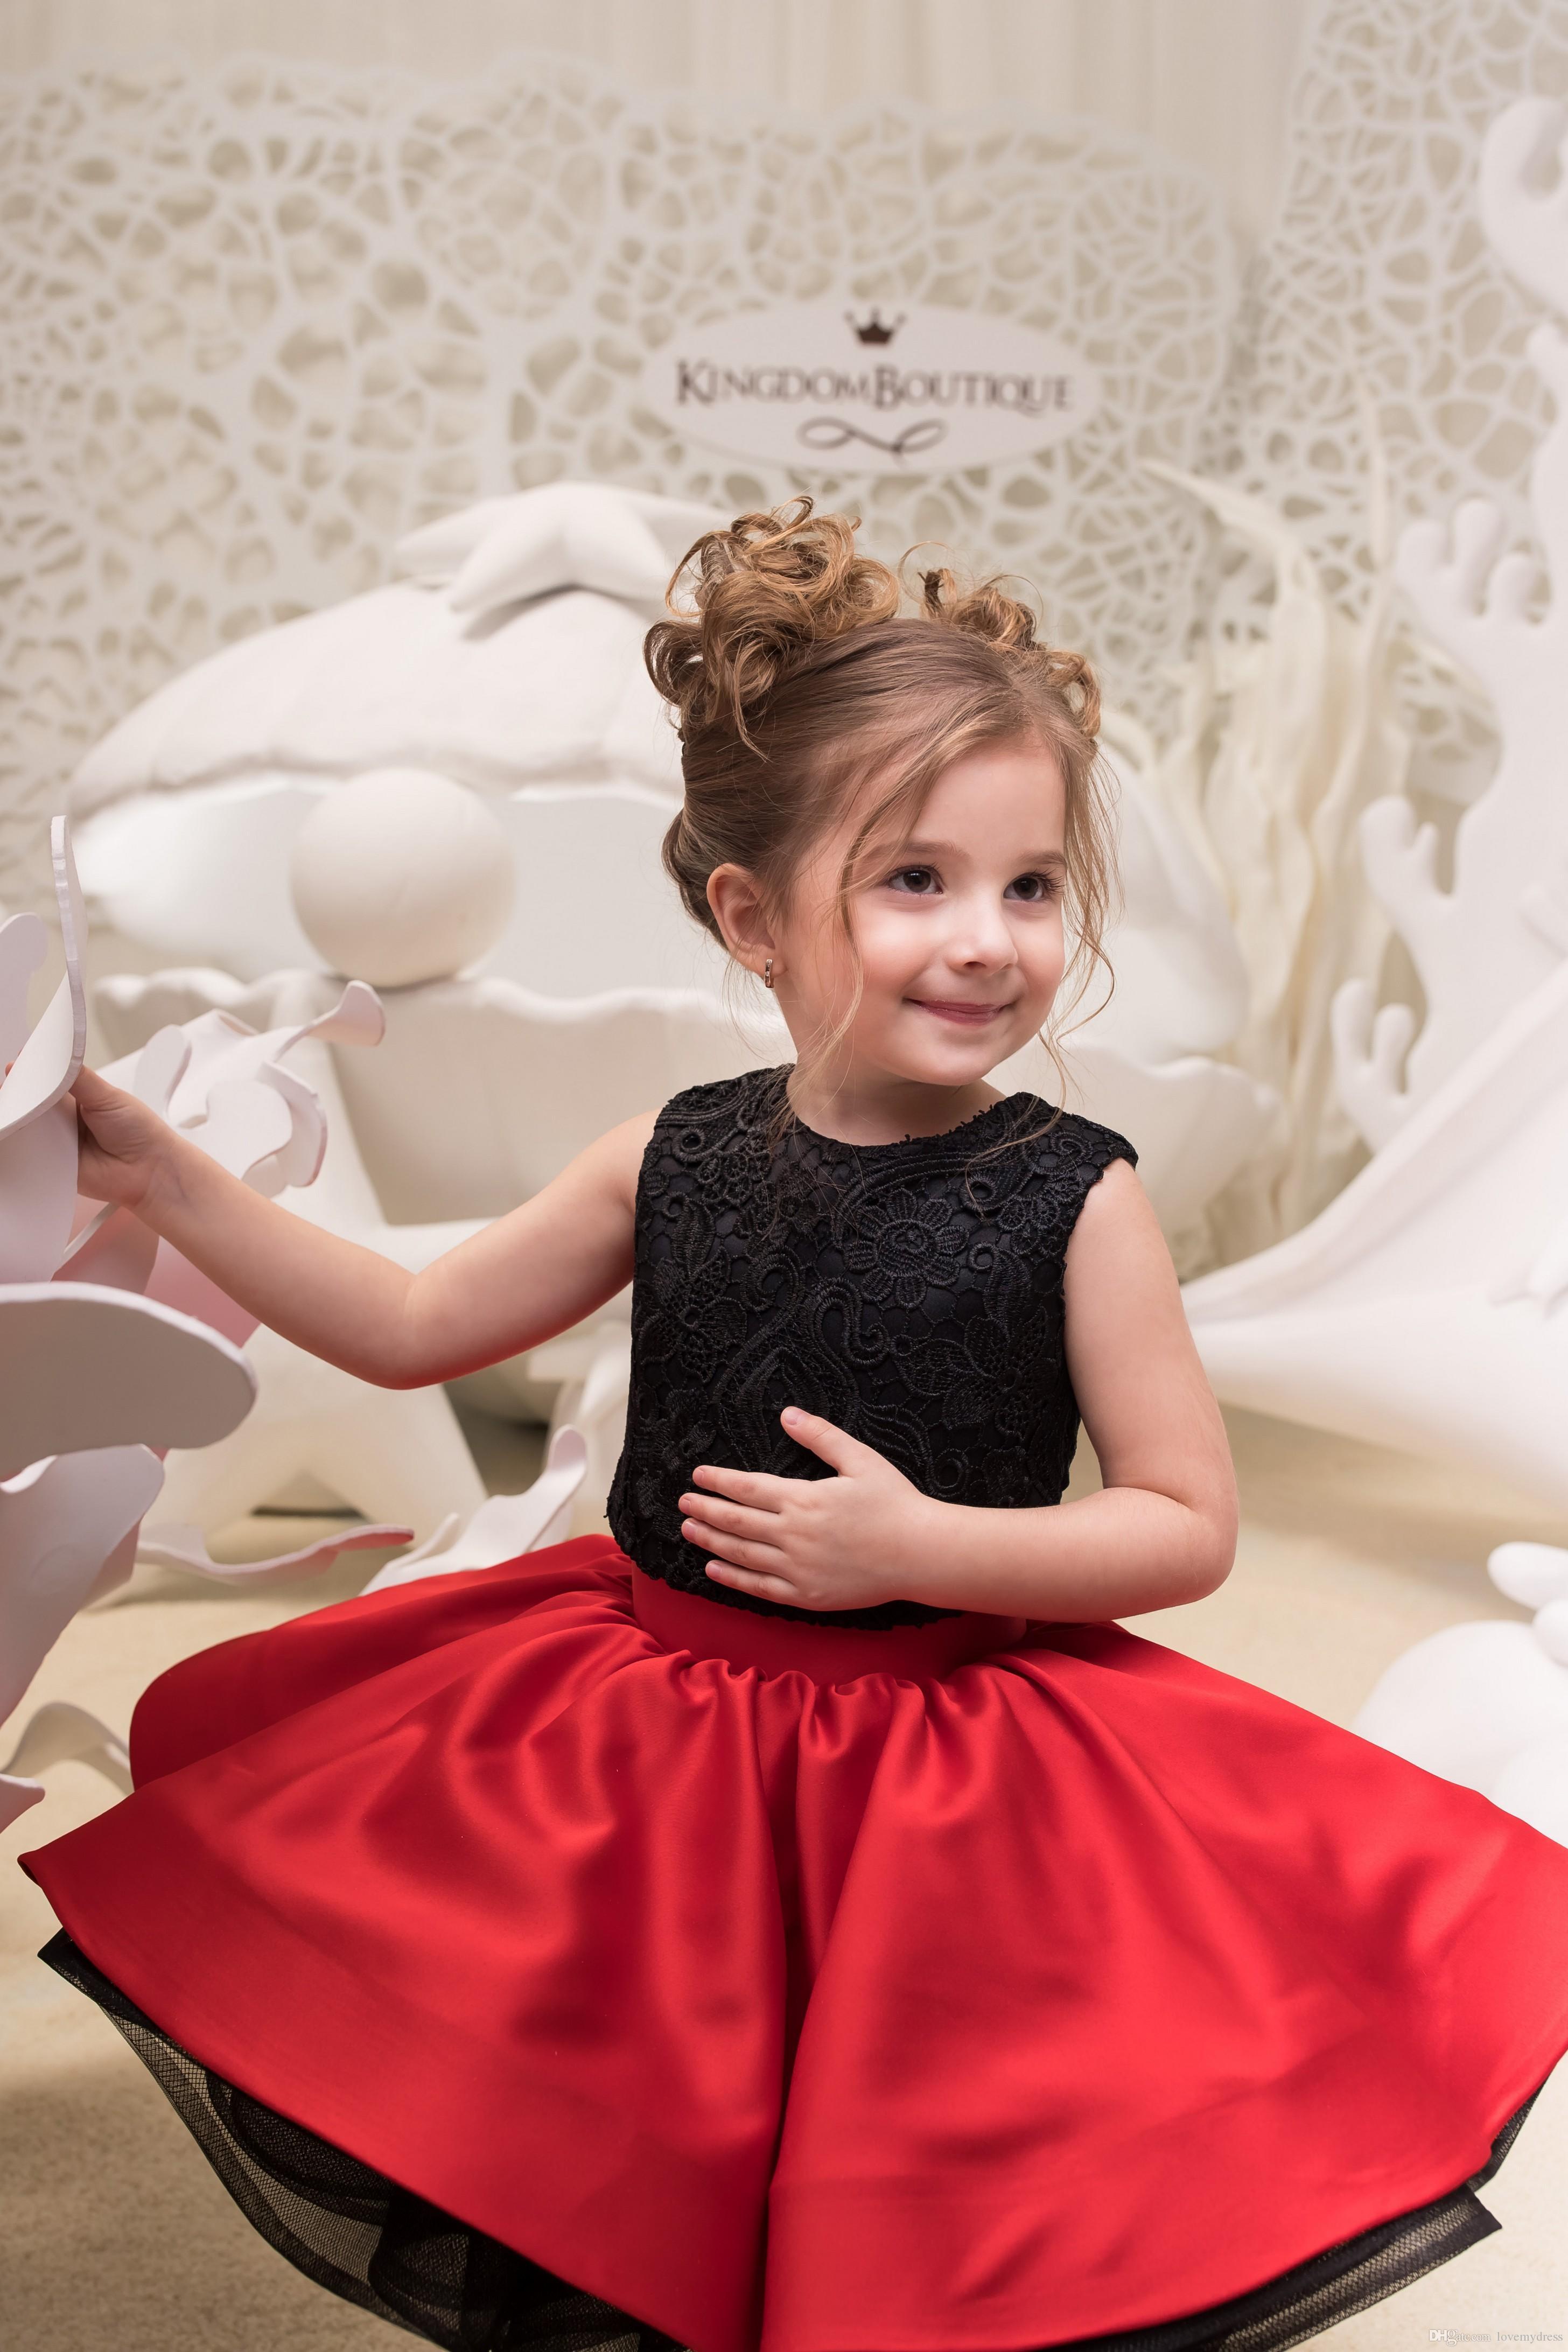 9dc4a5d16 Compre Rojo Negro Dos Piezas Vestidos Para Niñas Vestidos Joya Cuello  Encajes De Volantes Satén 2018 Mini Vestidos De Bola Cortos Con Cuentas Para  Niños ...